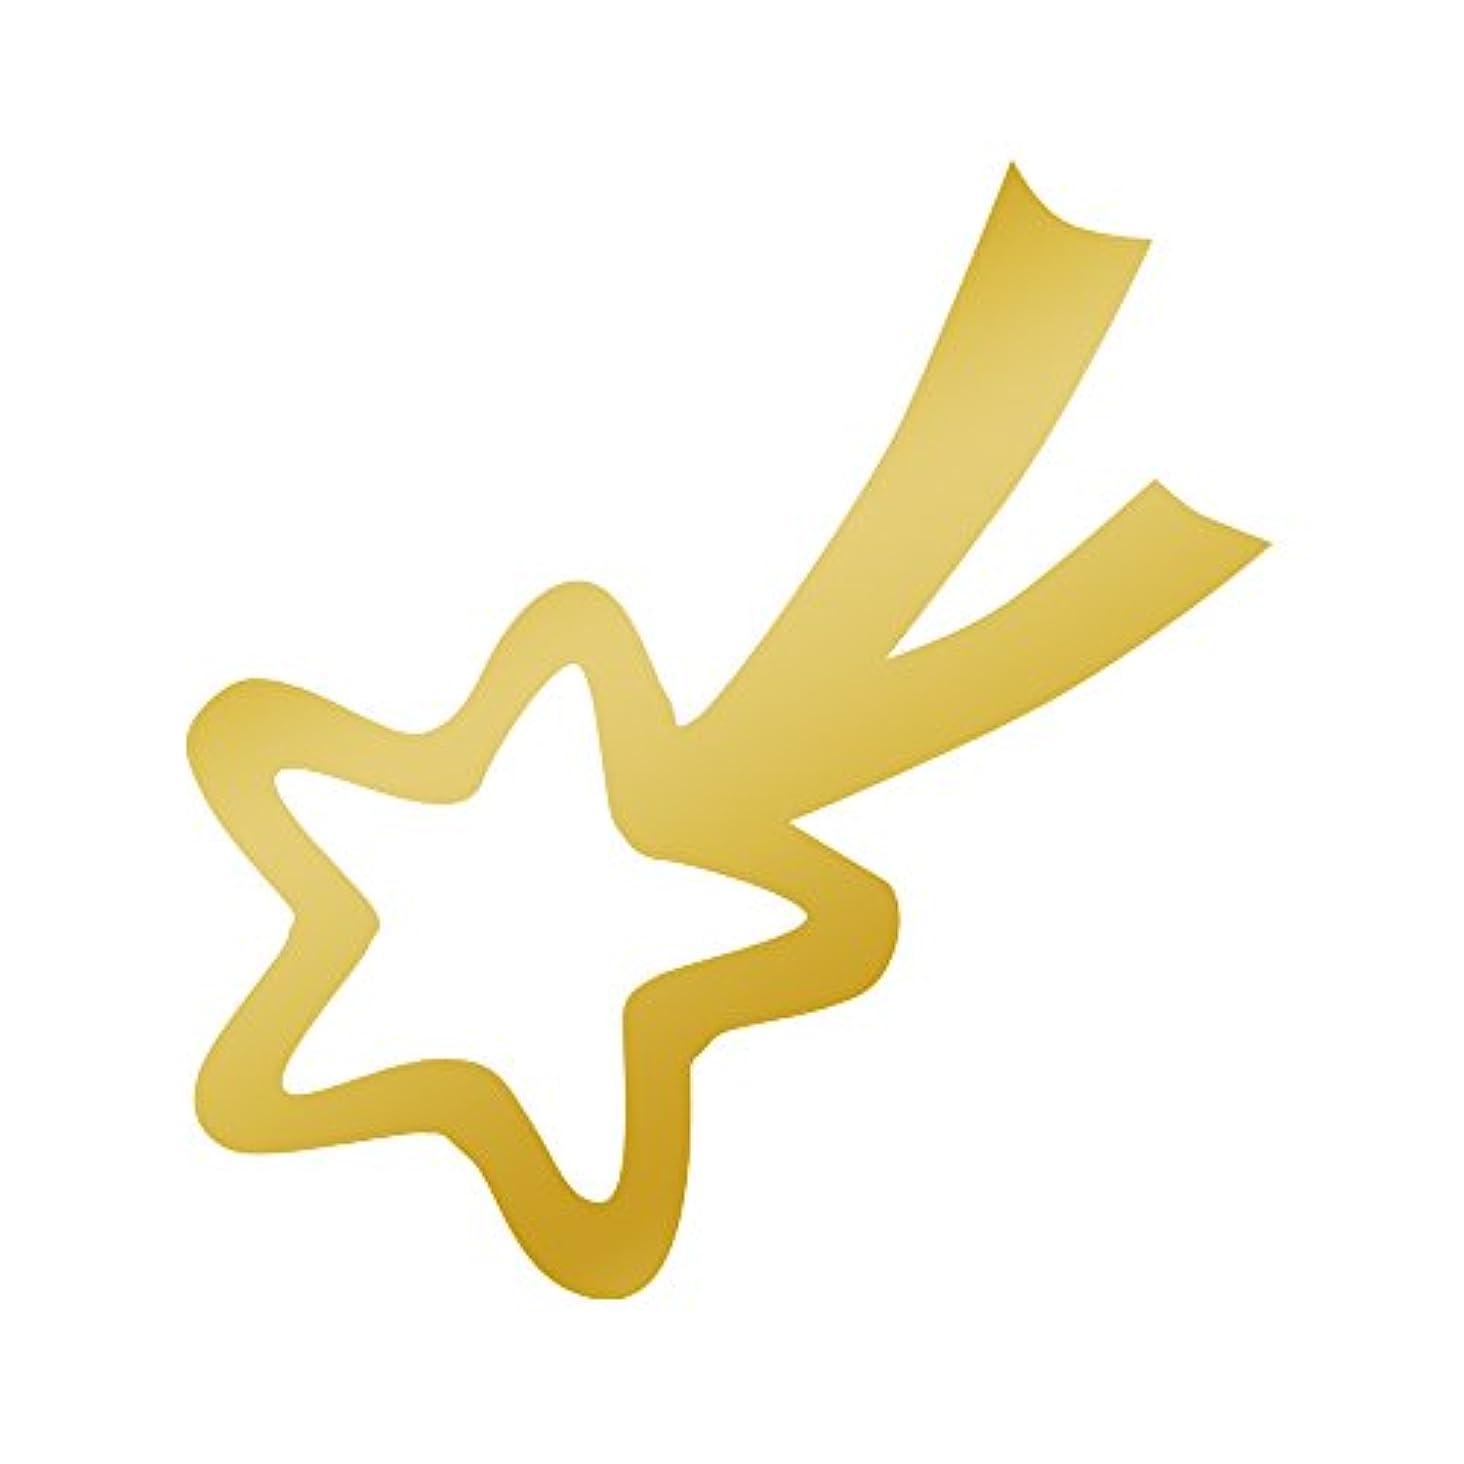 とんでもない顎偽善リトルプリティー ネイルアートパーツ 流れ星 S ゴールド 10個